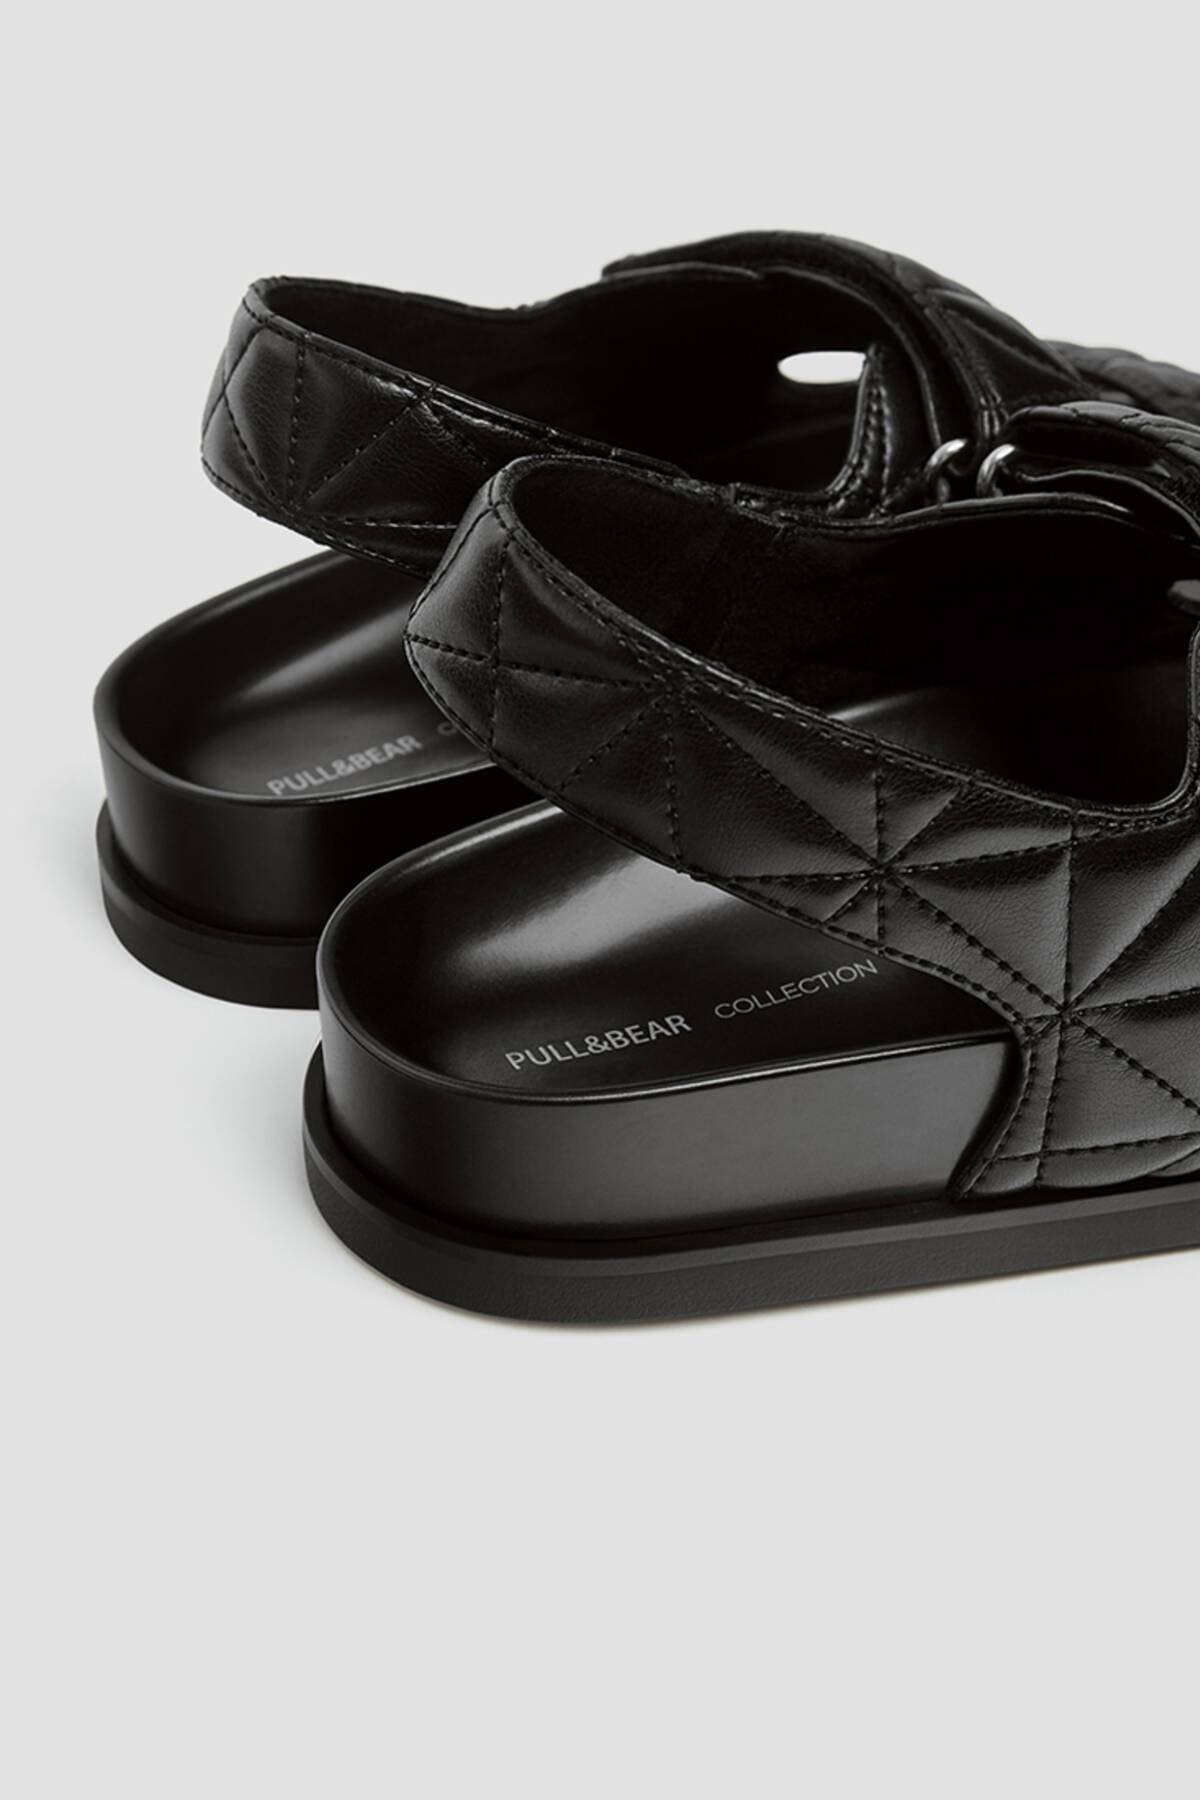 Pull & Bear Kadın Siyah Kapitone Bantlı Düz Sandalet 11418740 3